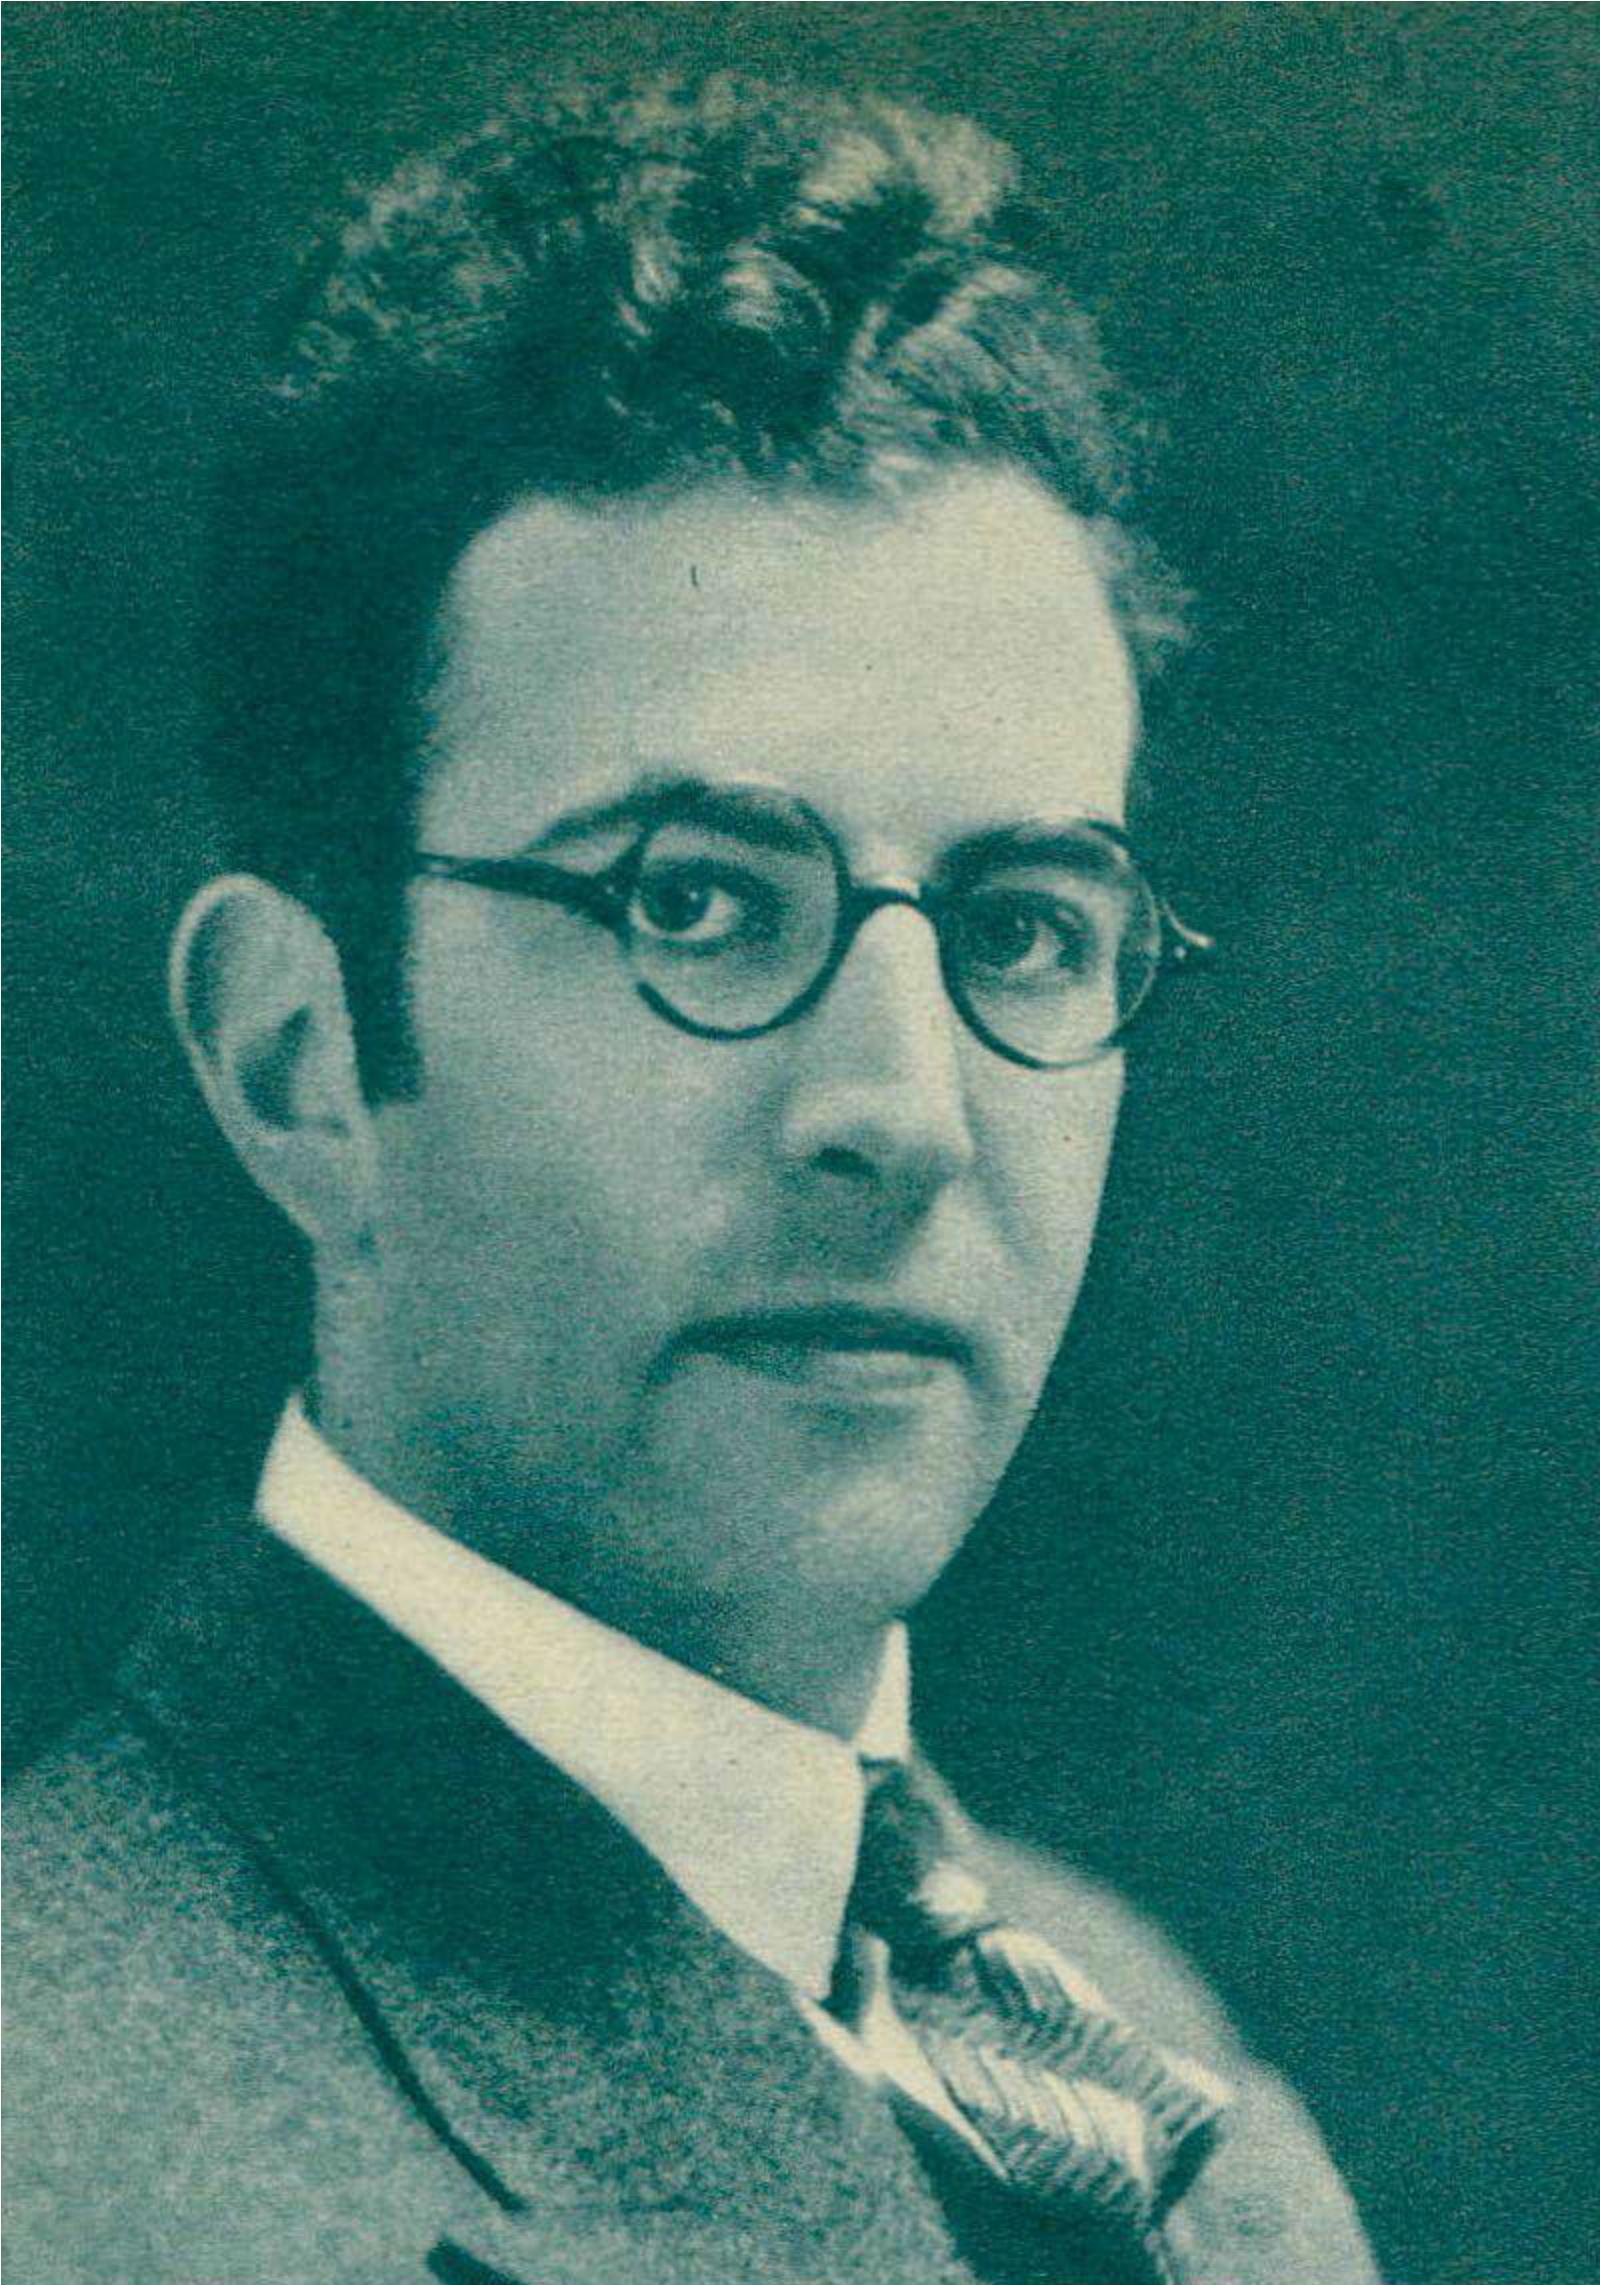 Samuel BAUD-BOVY, fin des années 1930, Jean Boissonas, photographe, Genève, cliquer pour une vue agrandie